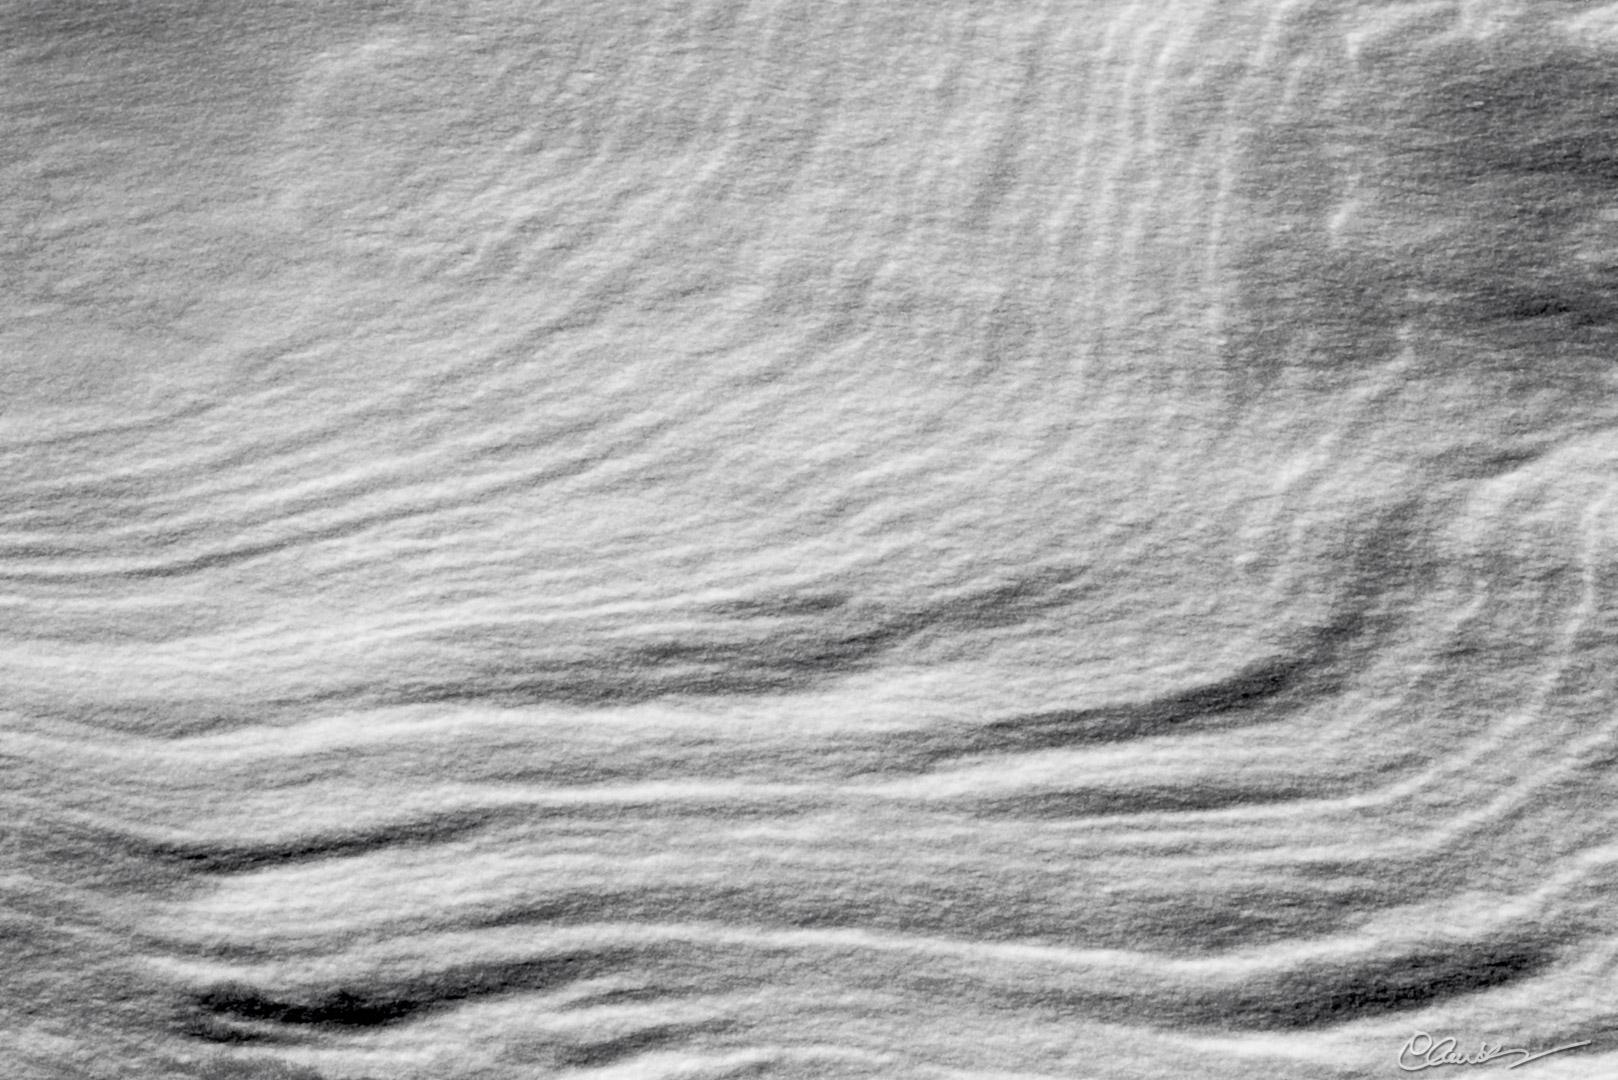 Vagues de neige / Snow waves